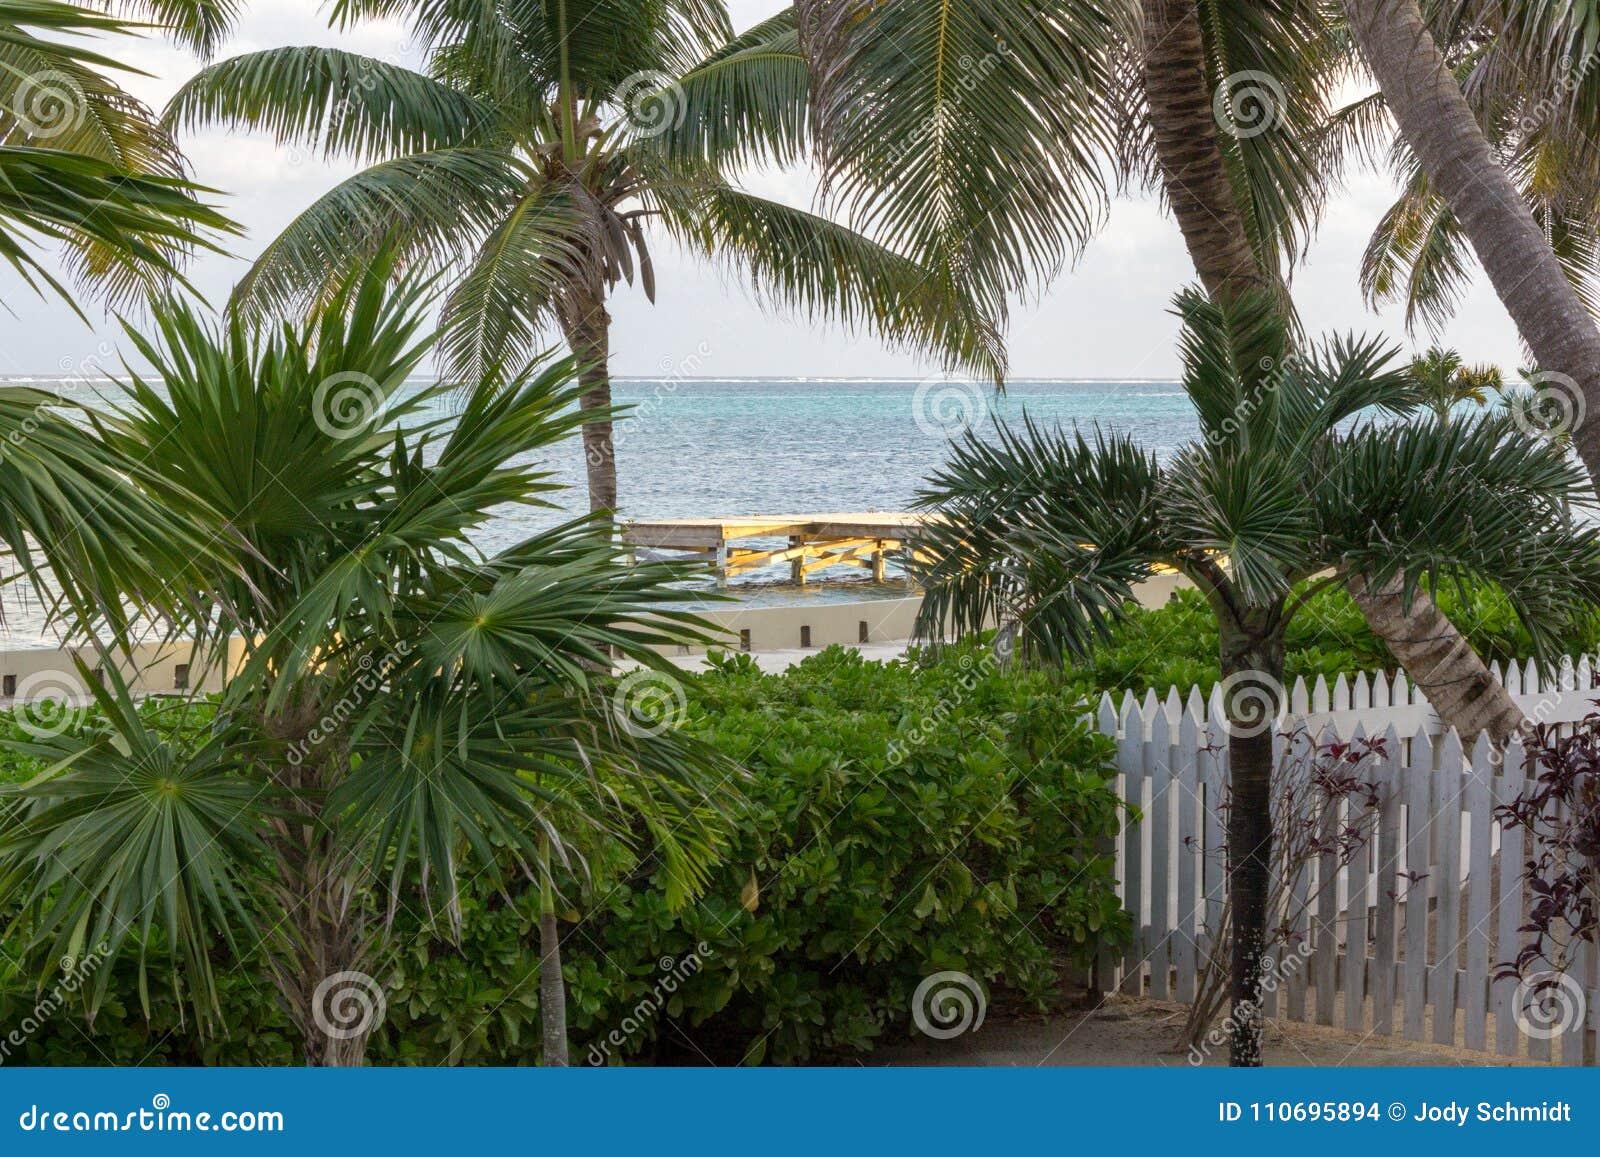 Le soleil en retard de jour moule une lueur chaude au-dessus d un dock dans la distance par les palmiers